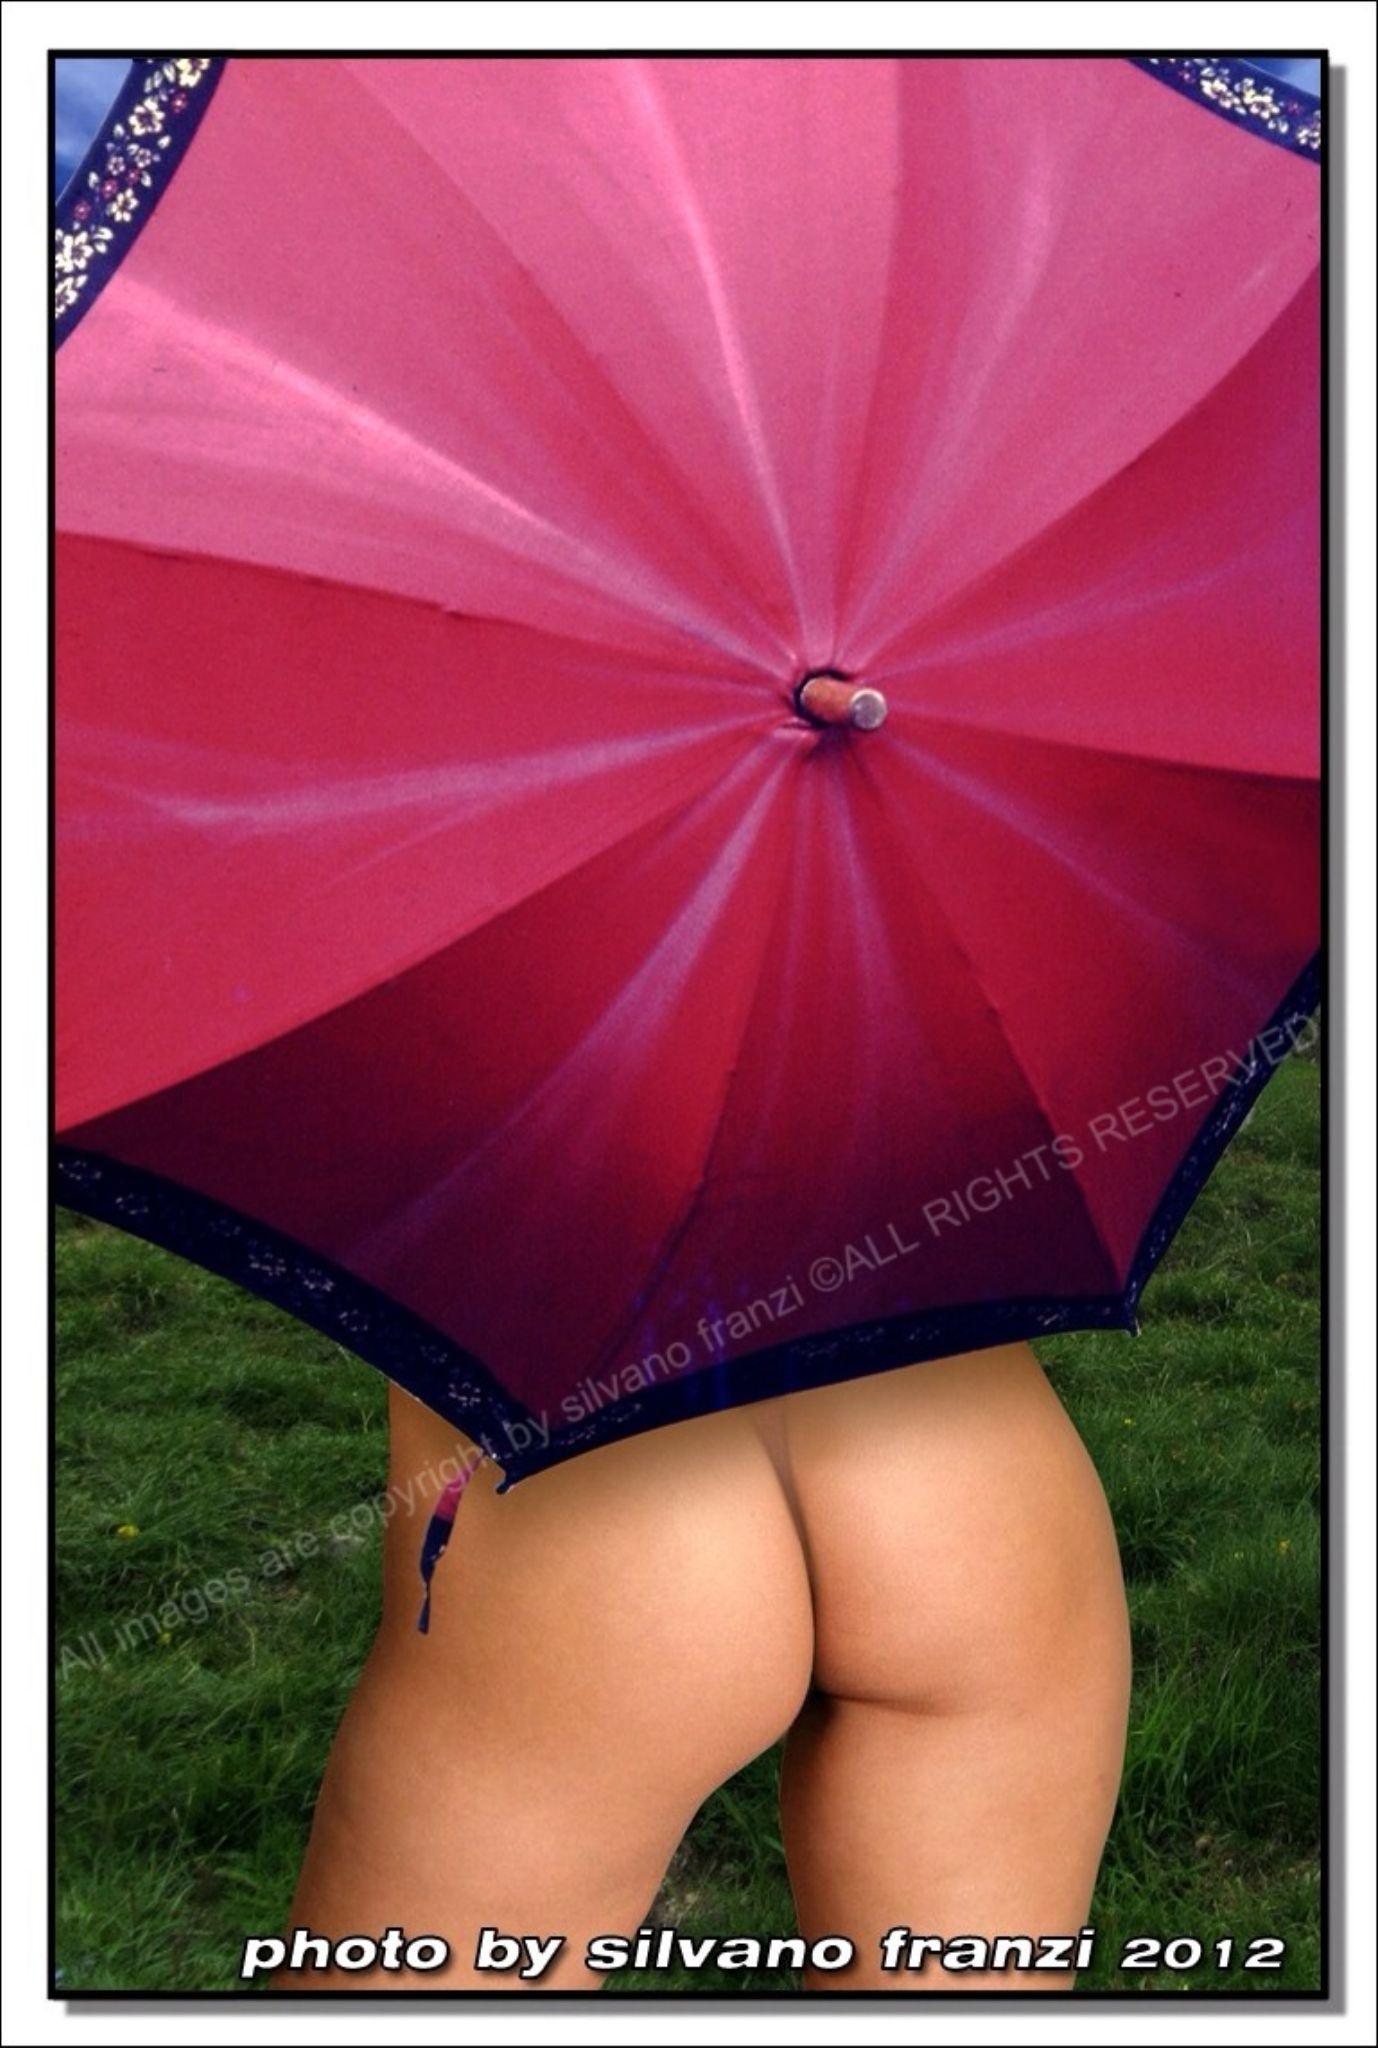 The red umbrella by SILVANO FRANZI